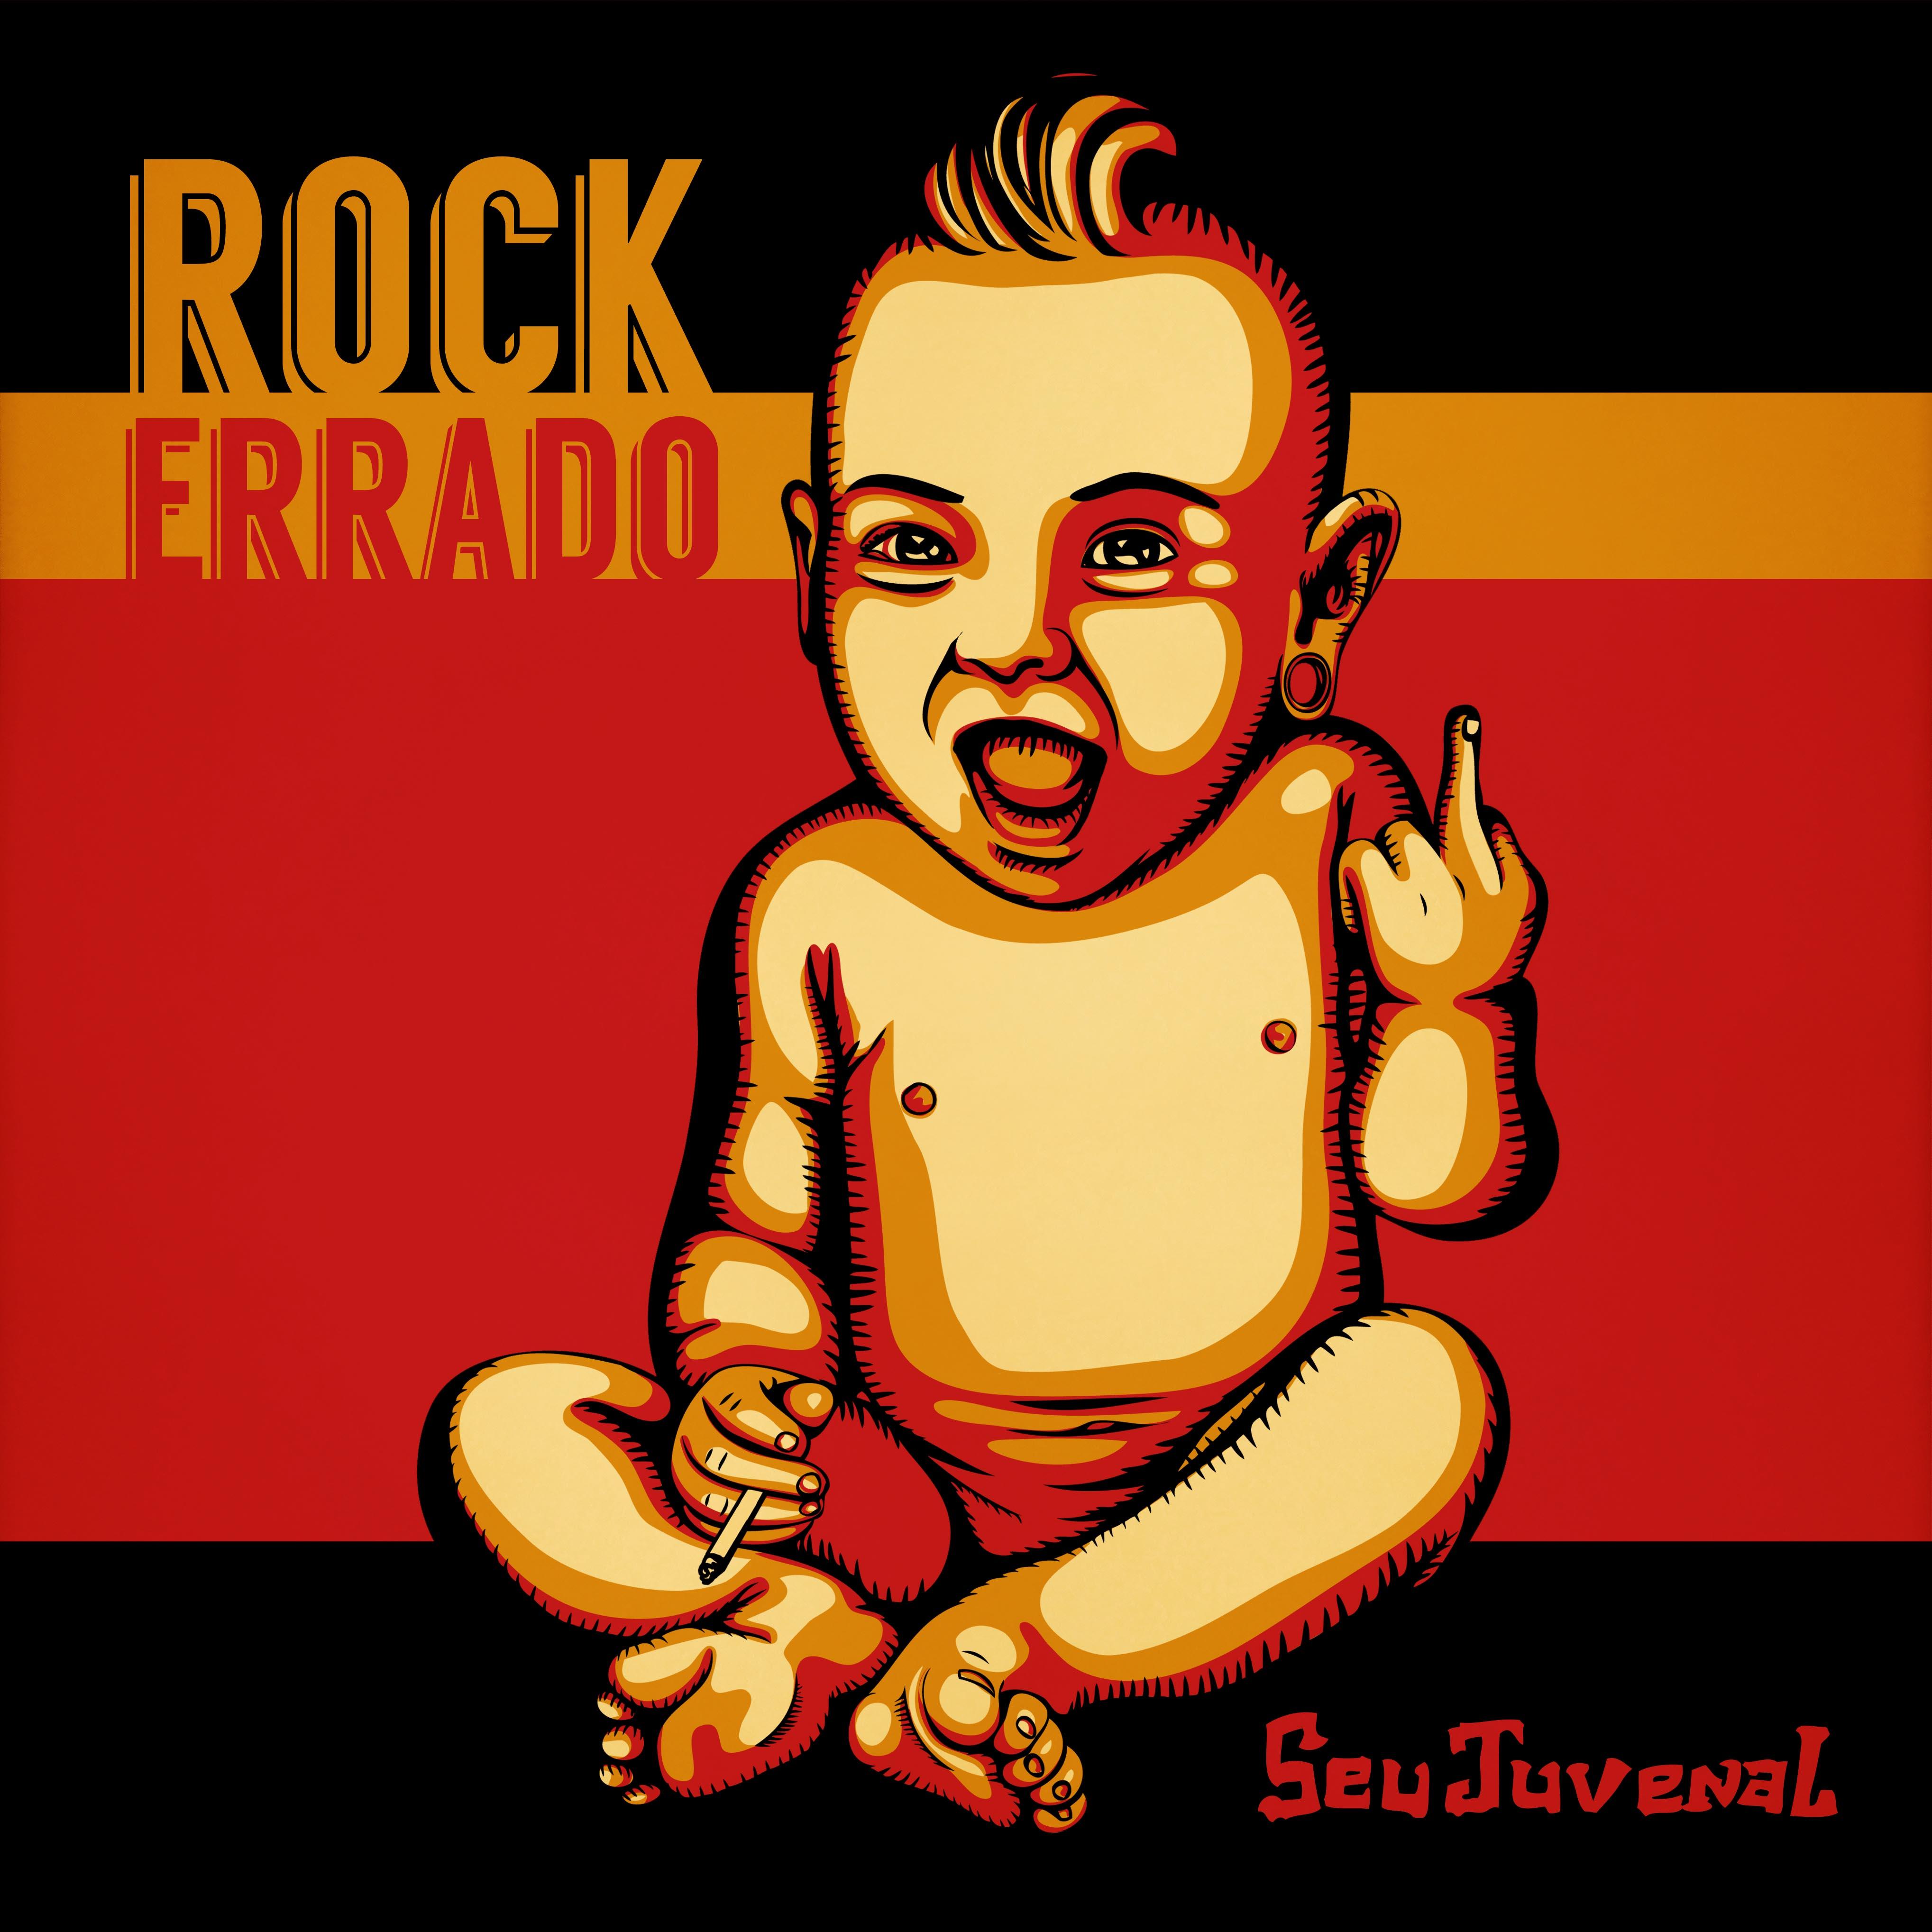 Seu-Juvenal-Rock-Errado